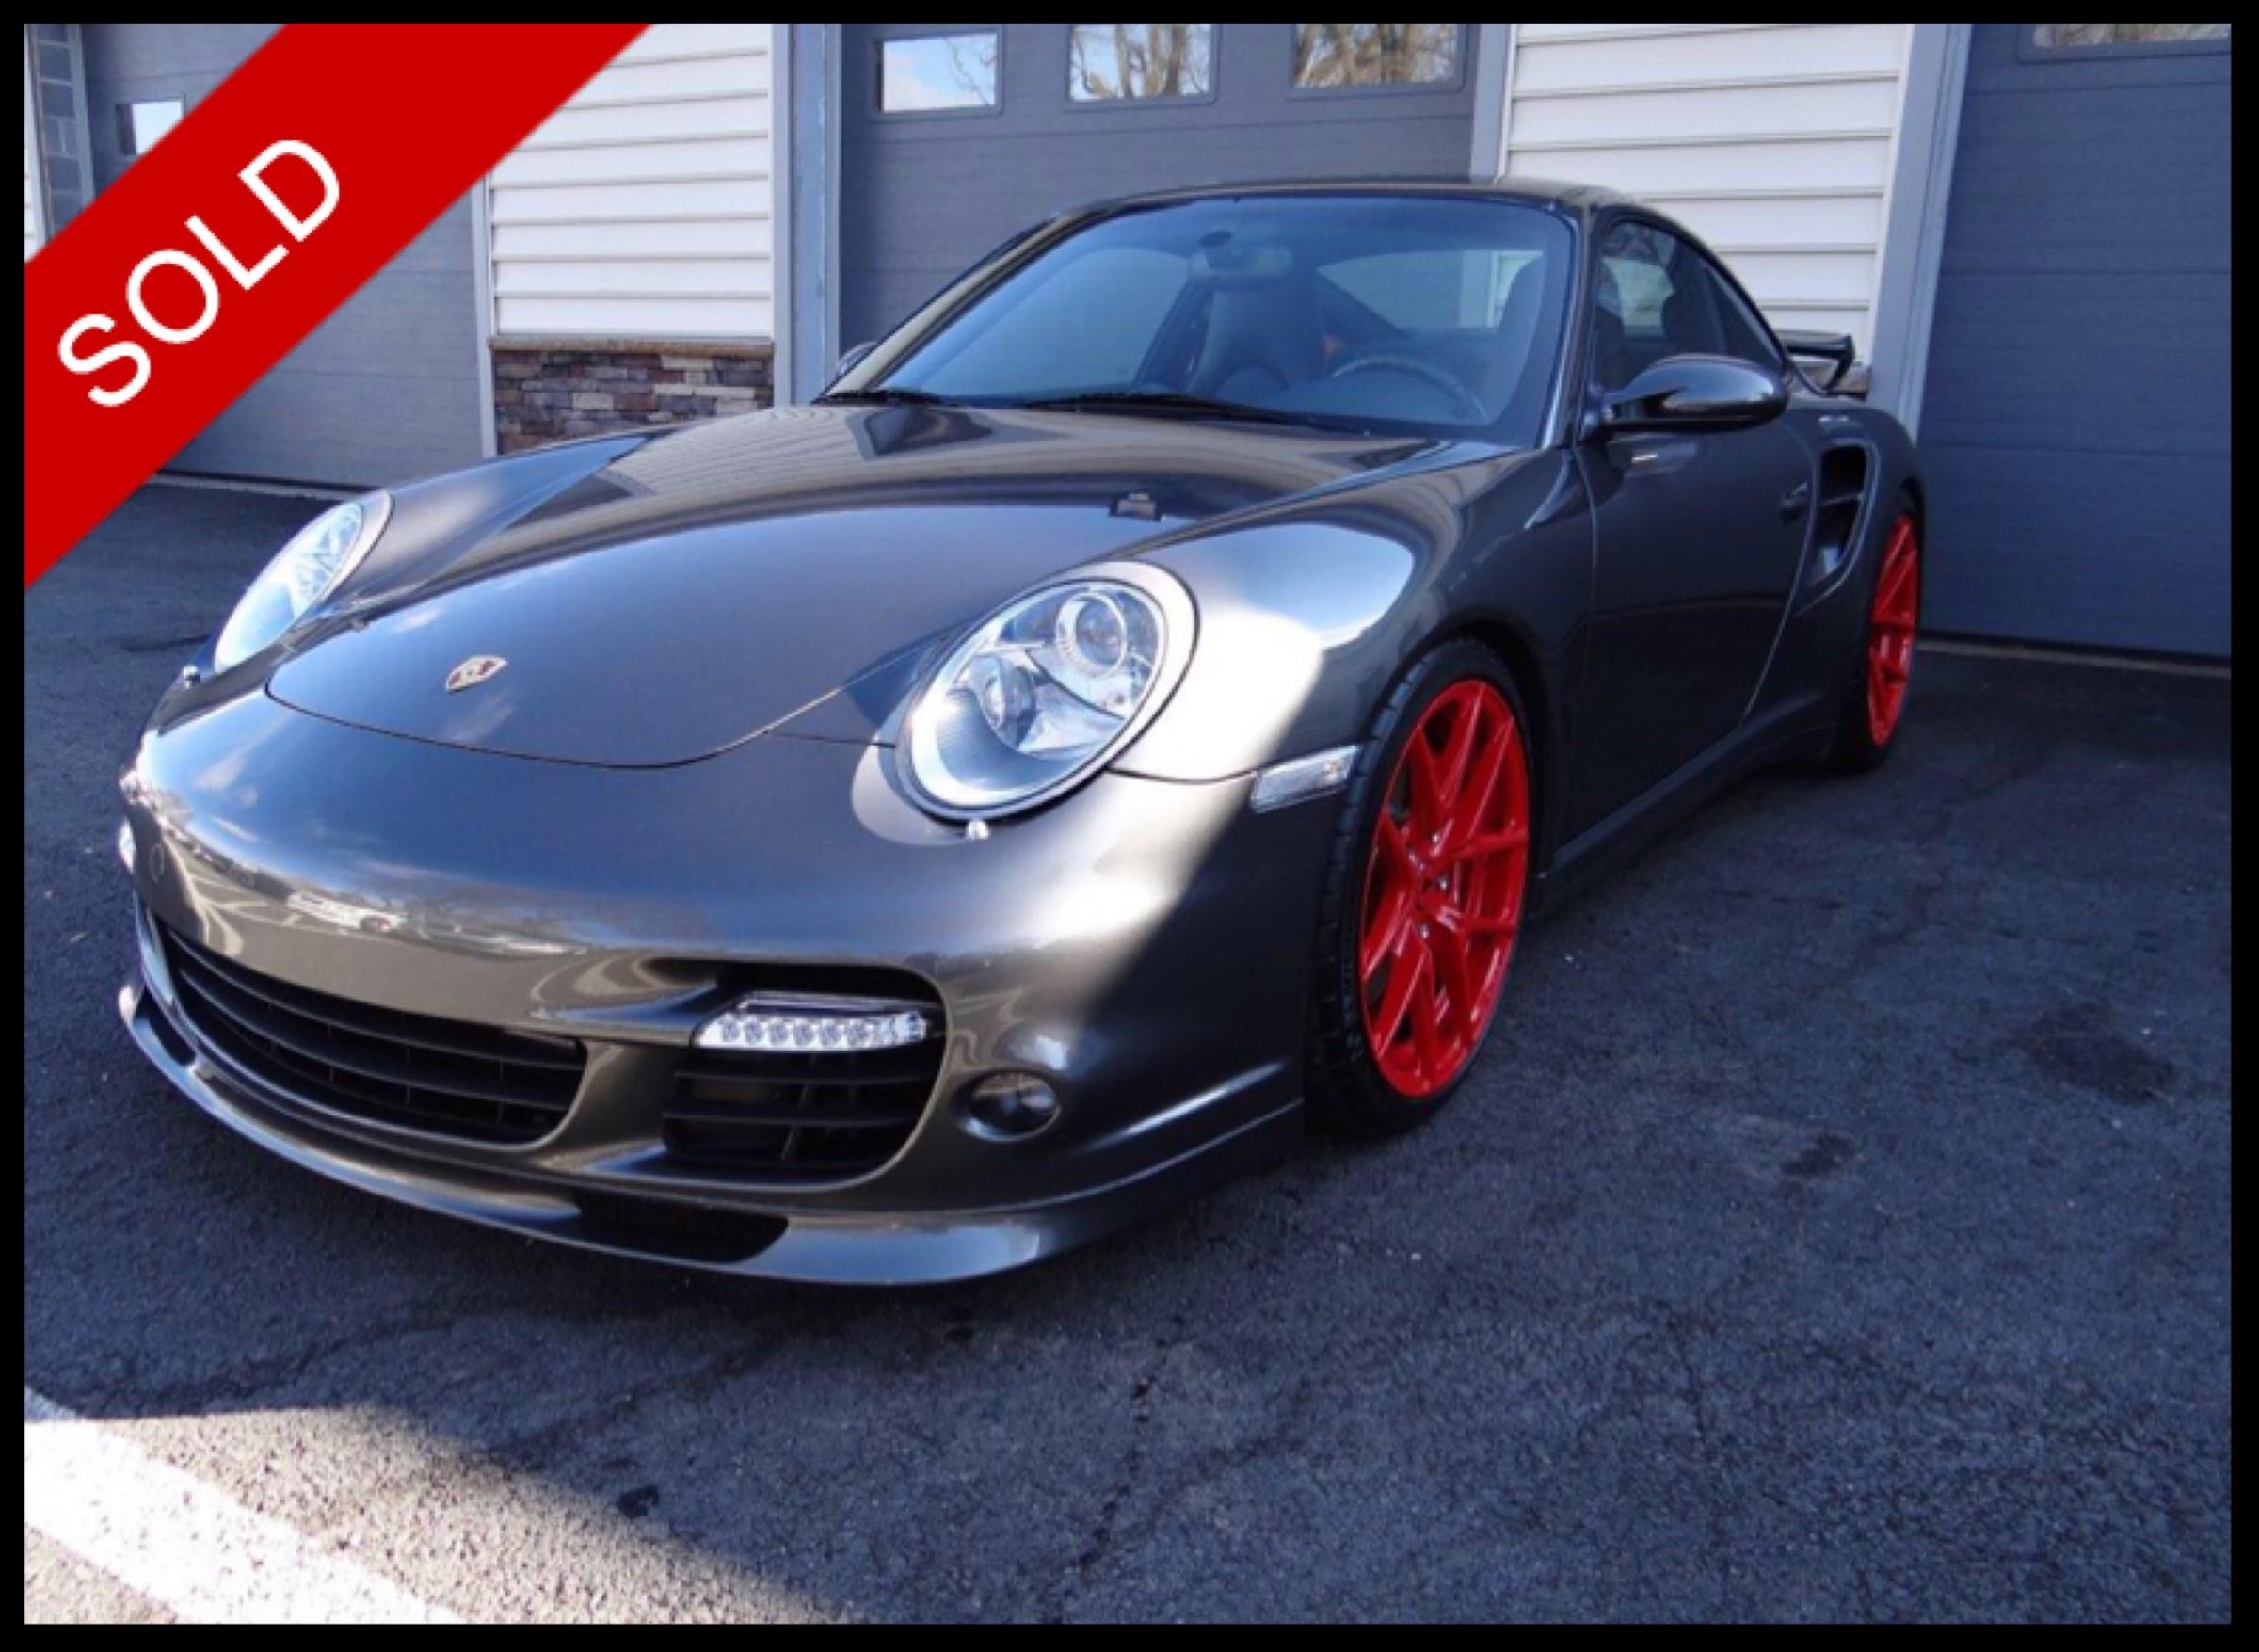 SOLD - 2009 Porsche 911 TurboAtlas Grey on Dark GreyVIN: WP0AD299X9S766261